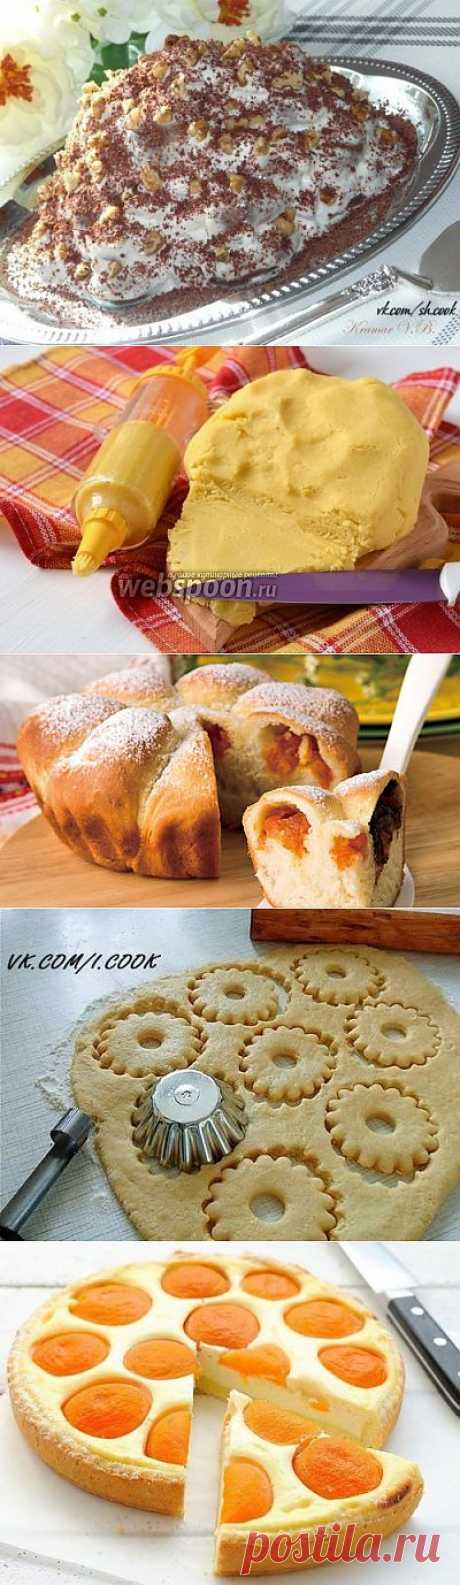 Торты, пироги | Записи в рубрике Торты, пироги | Заходите и Вы найдете много интересного!